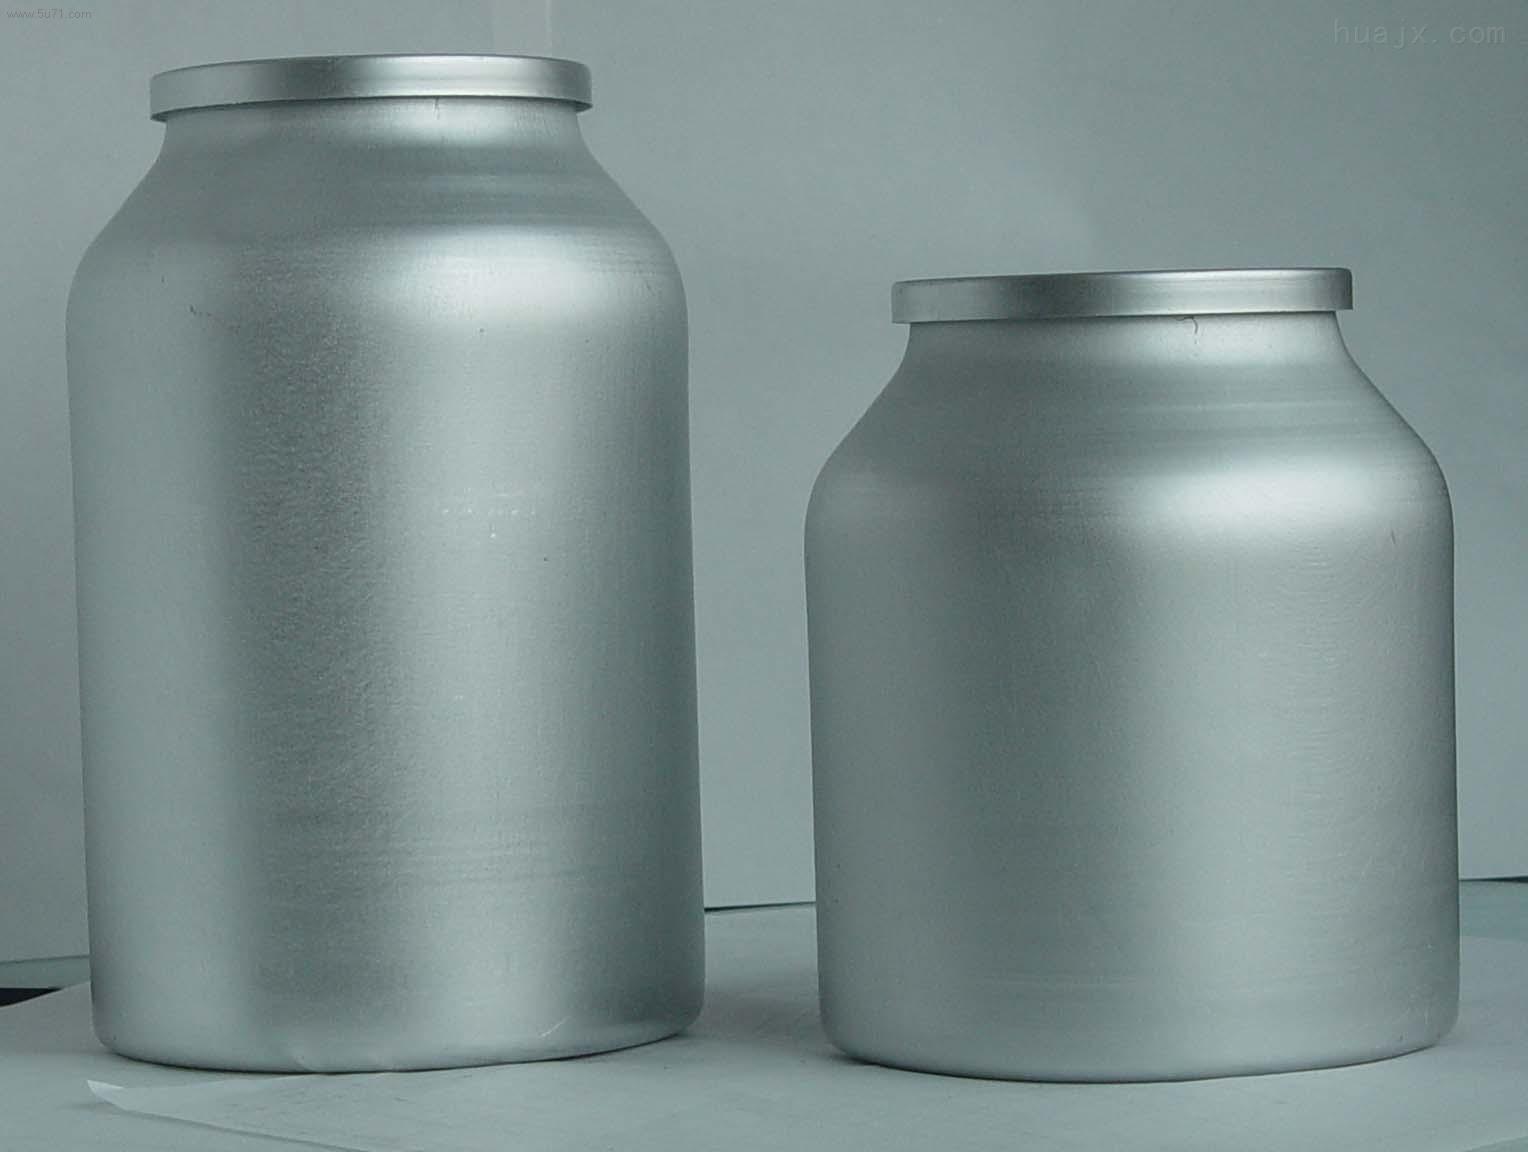 地塞米松原料药生产厂家价格